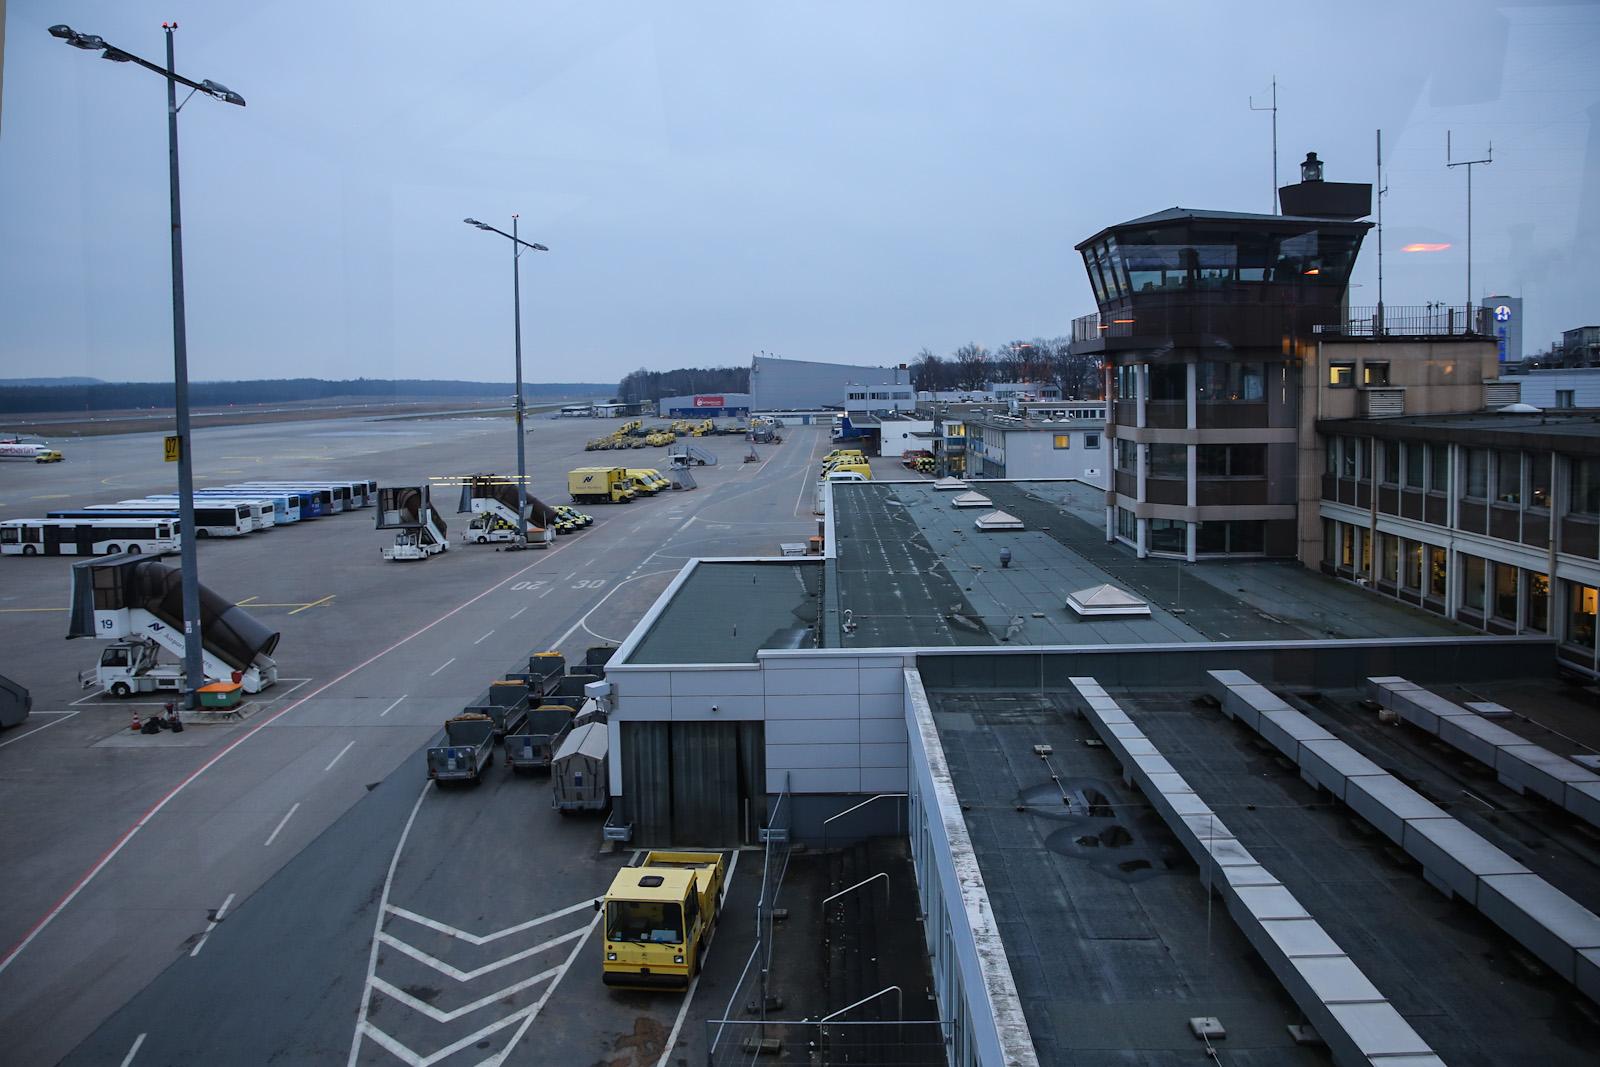 Диспетчерская вышка в аэропорту Нюрнберг